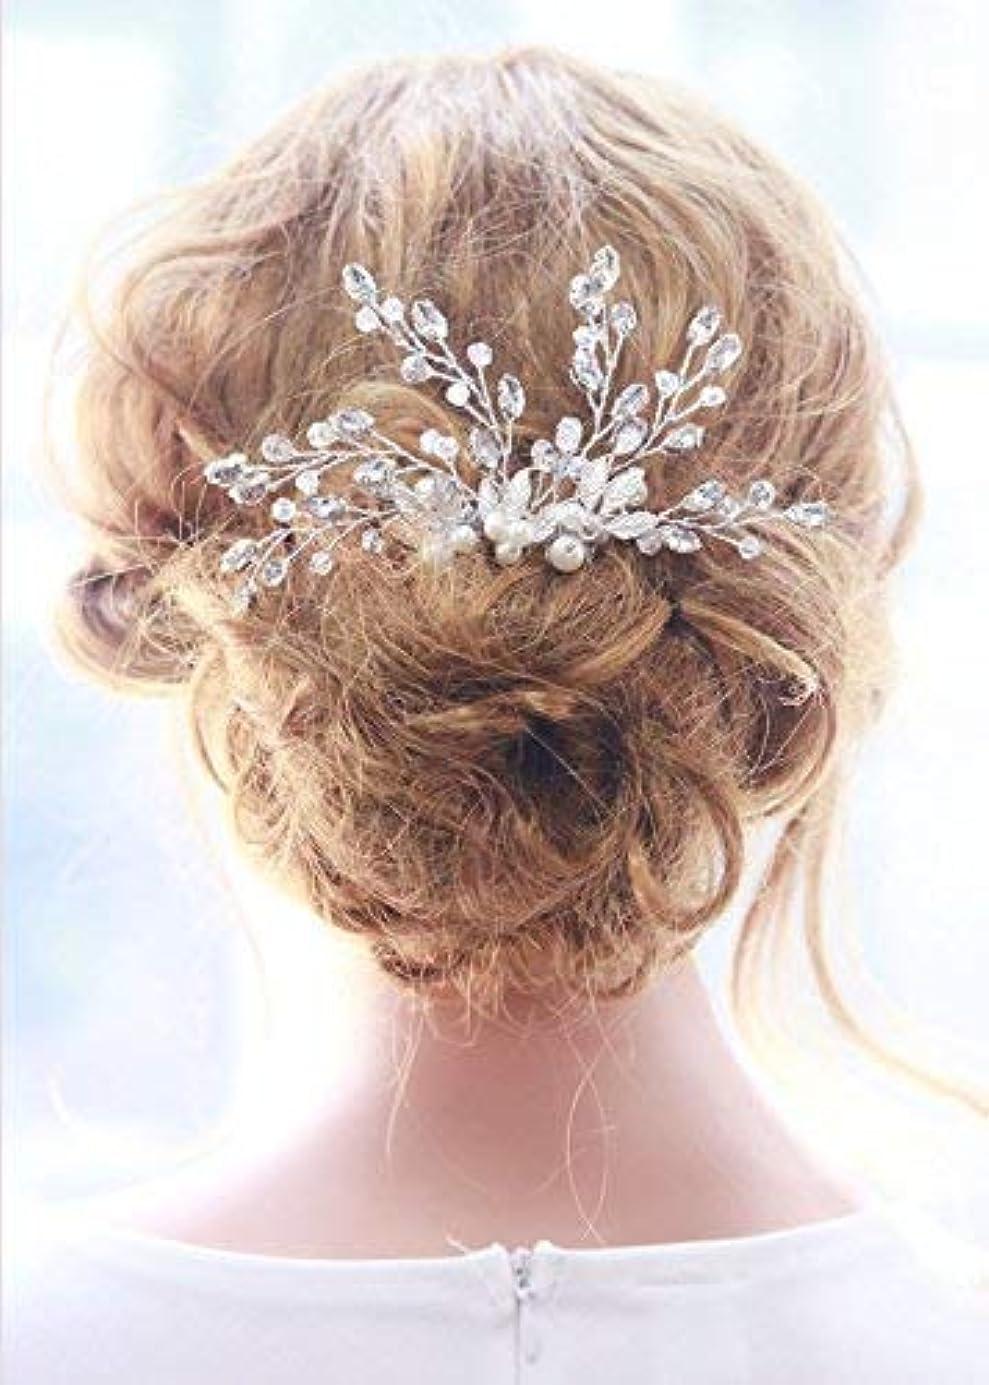 高く印をつける密輸Missgrace Bridal Crystal Rhinestones Hair Comb Bridal Headpiece Bridal Hair Comb Crystal Headpiece Large Decorative Comb Wedding Hair Accessories [並行輸入品]